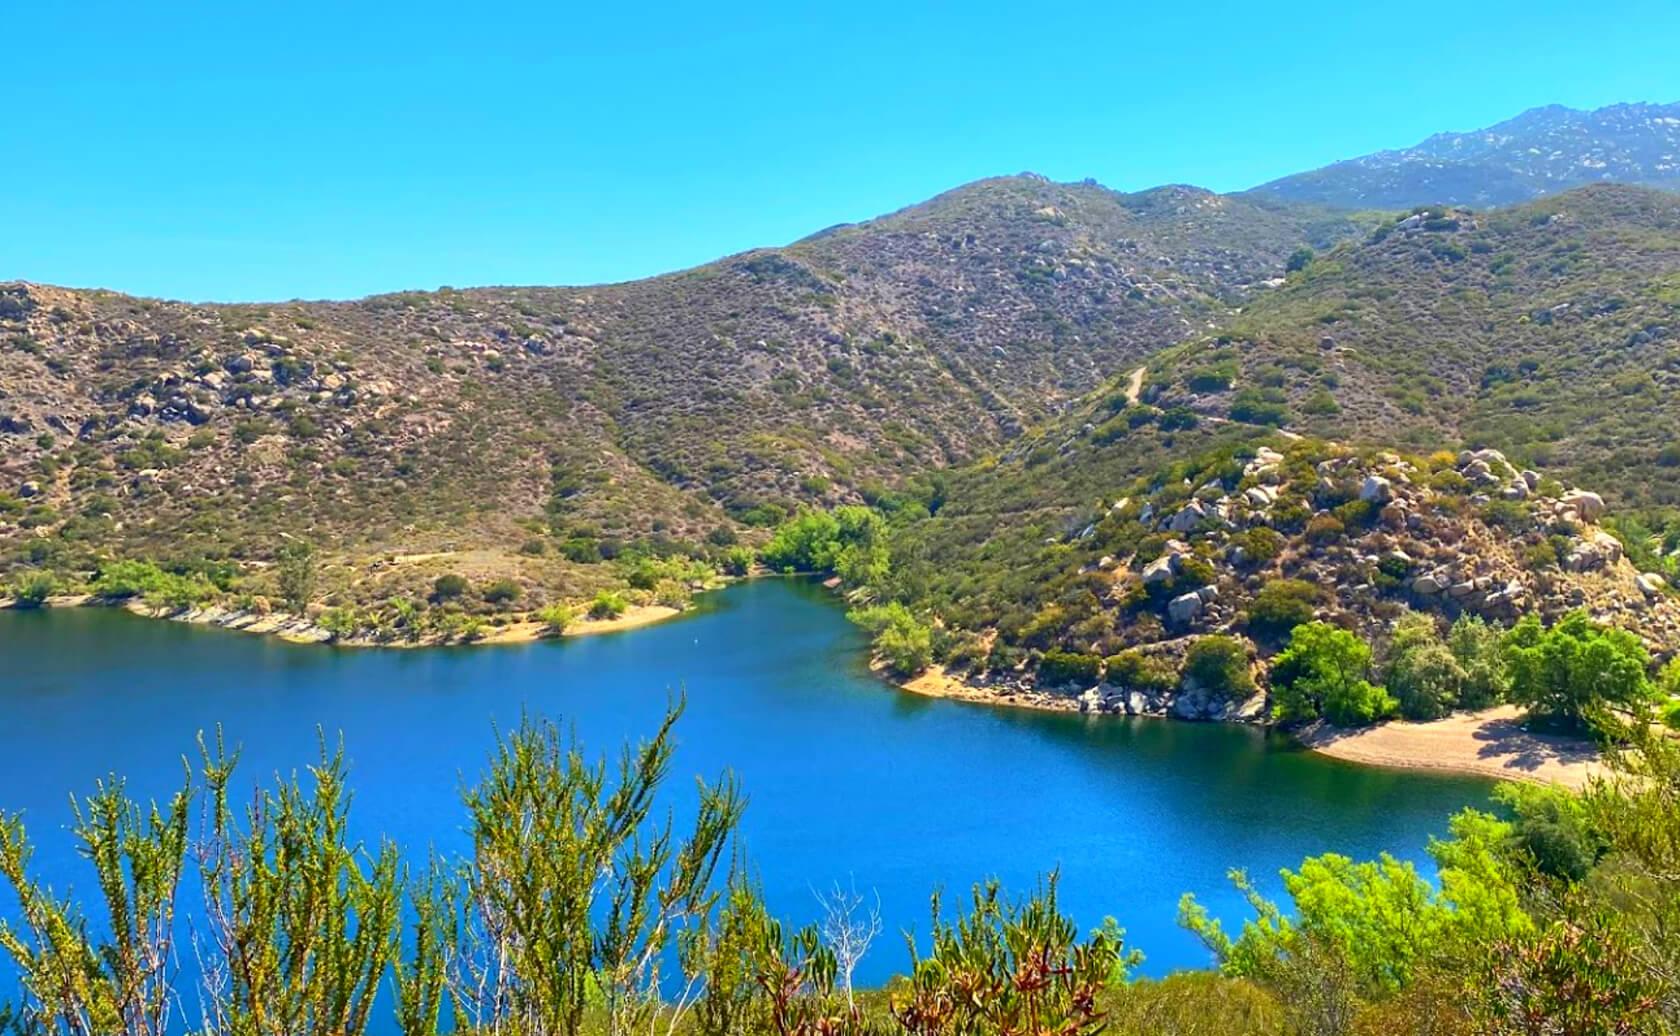 Poway-Lake-Fishing-Guide-Report-California-04